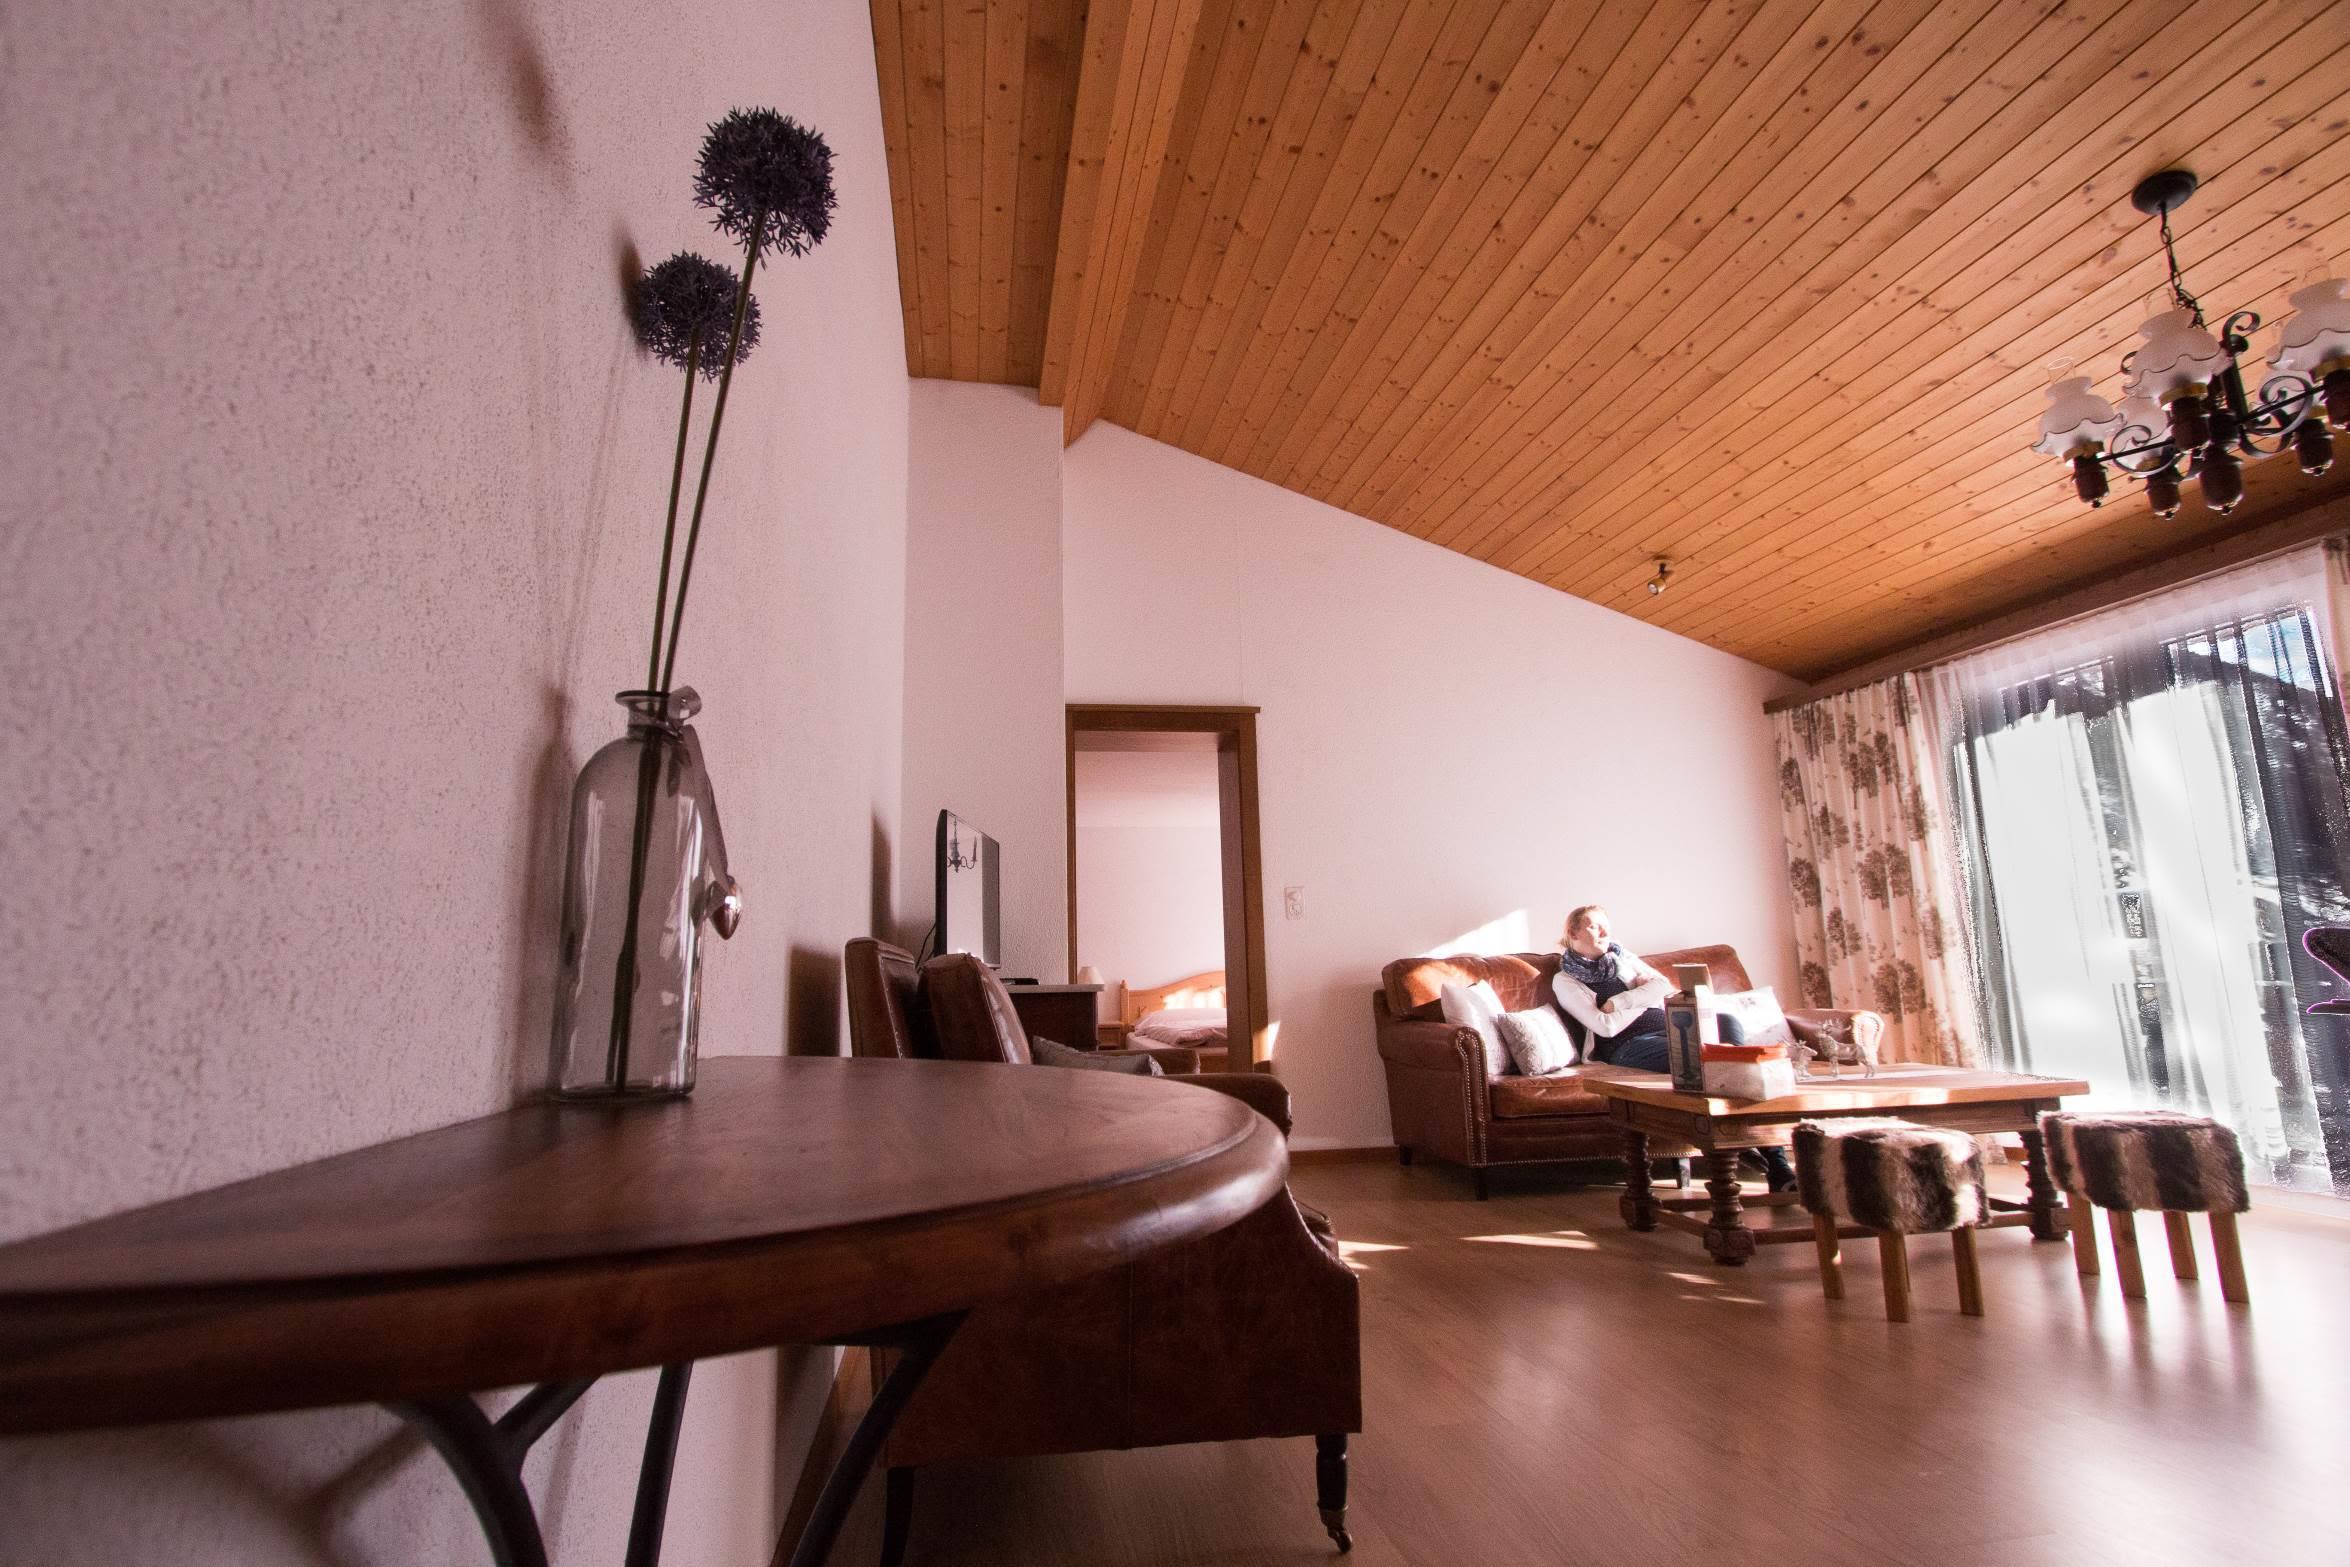 Wohnzimmer vom Flur mit Sofa - Ferienwohnung Alphu